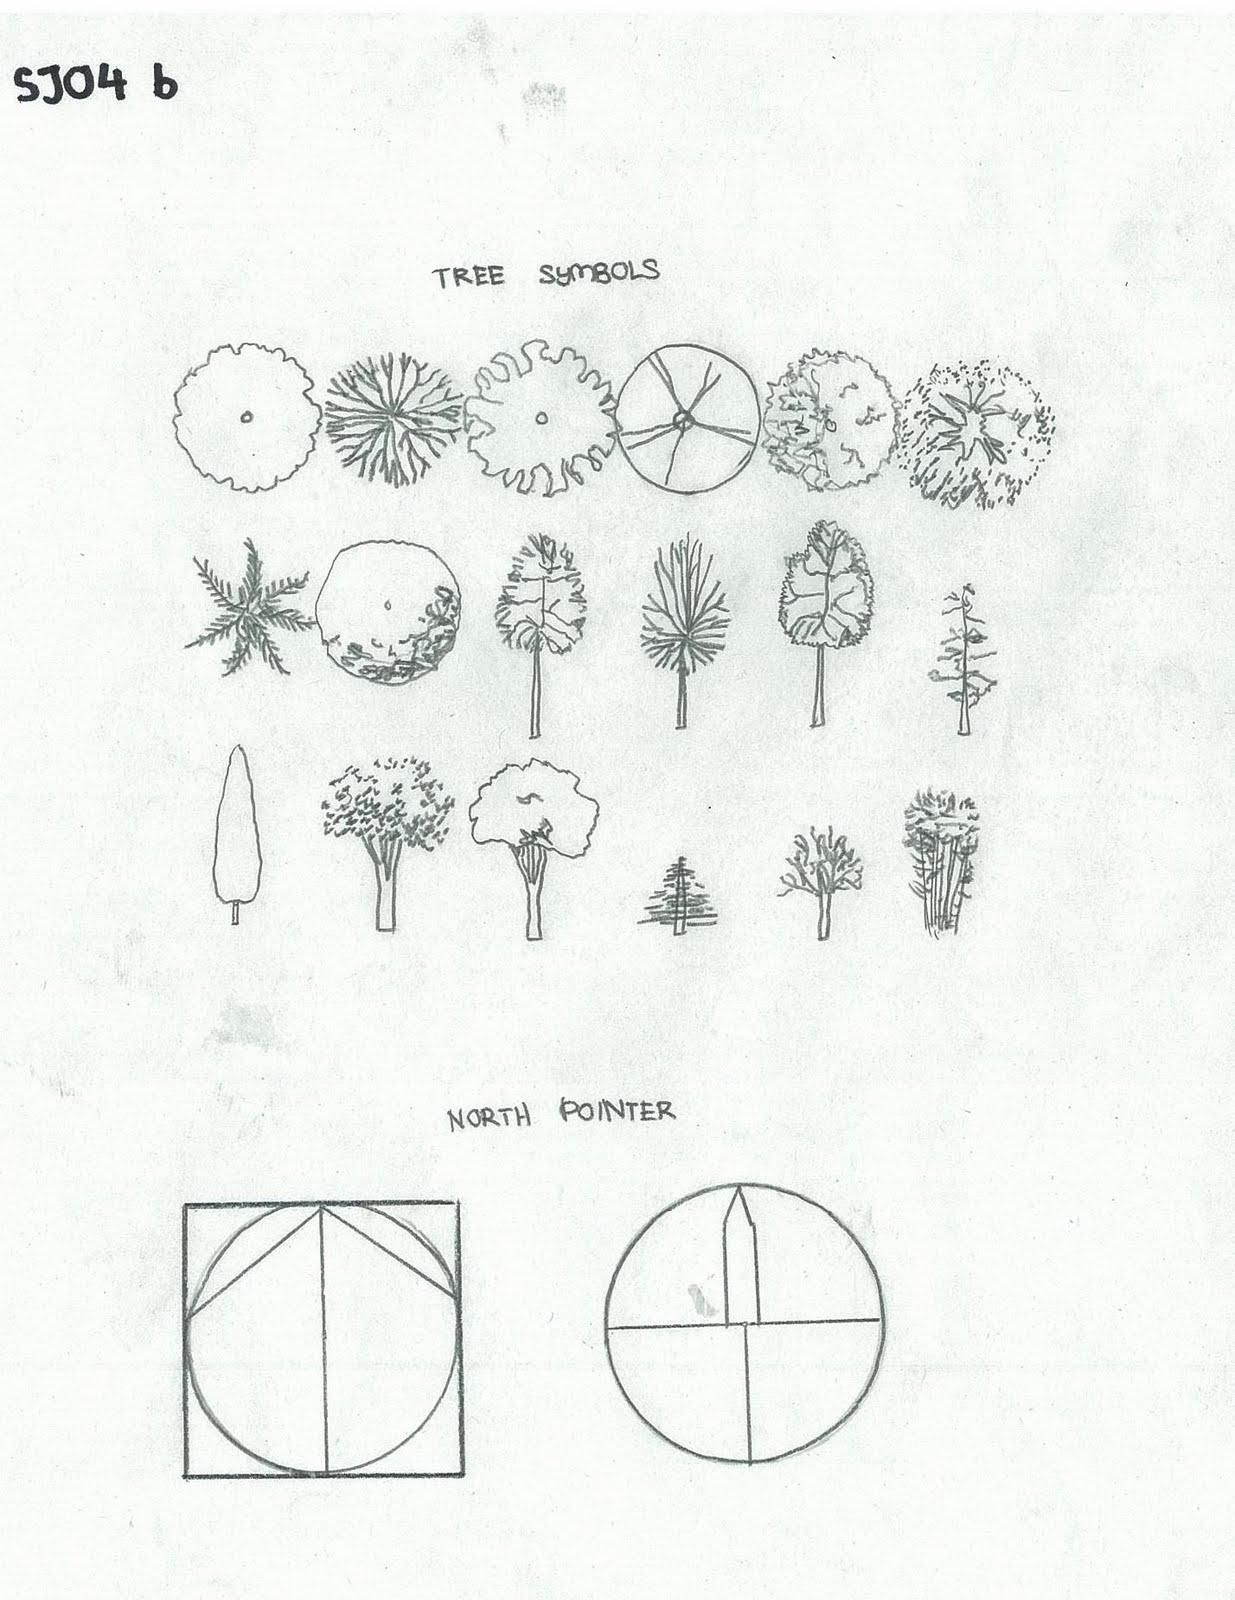 Design Visualization Sj04b Architectural Symbols